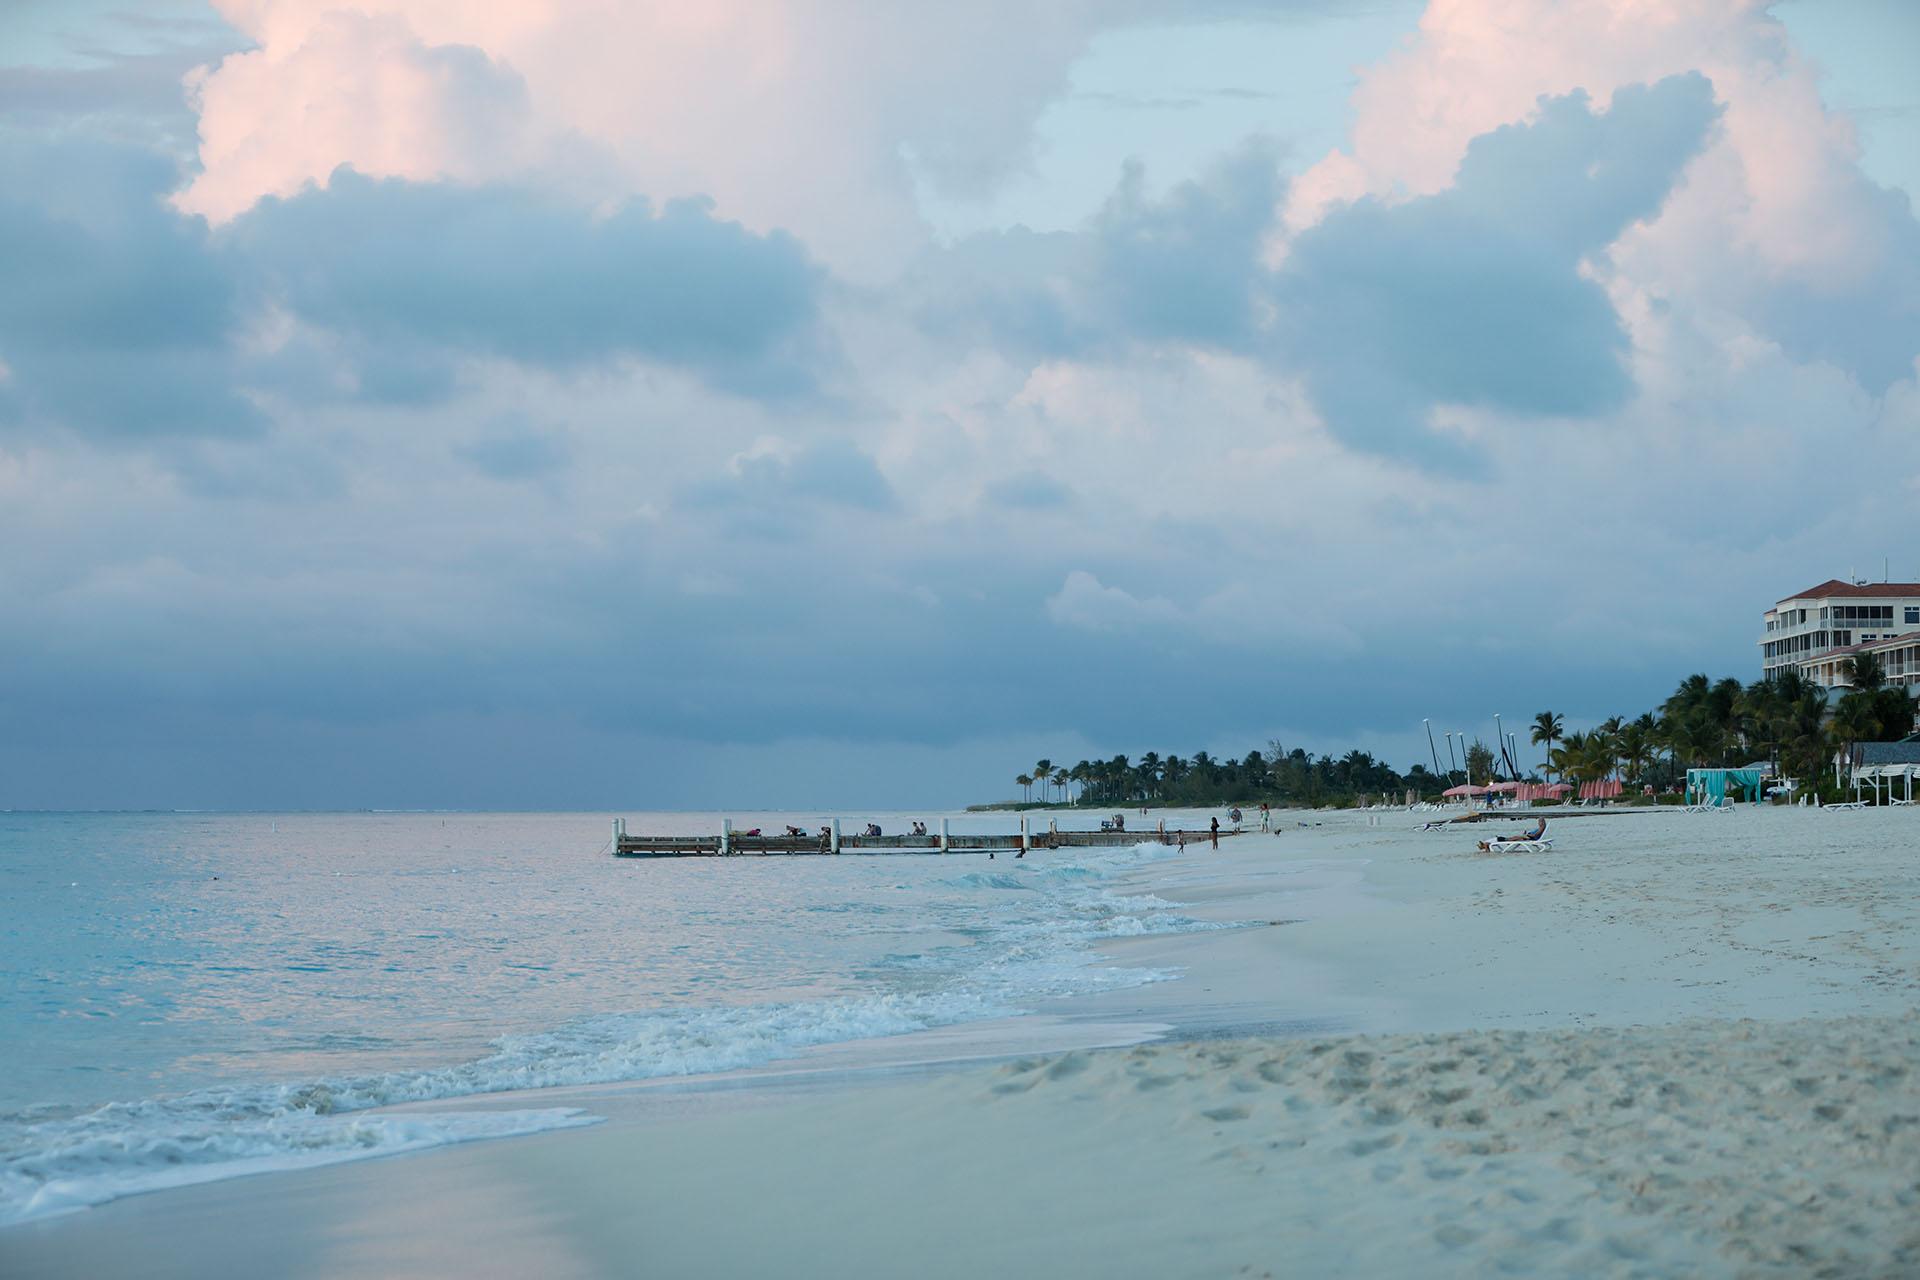 Aun en las pocas veces que el cielo se nubla el paisaje sigue siendo digno de contemplación